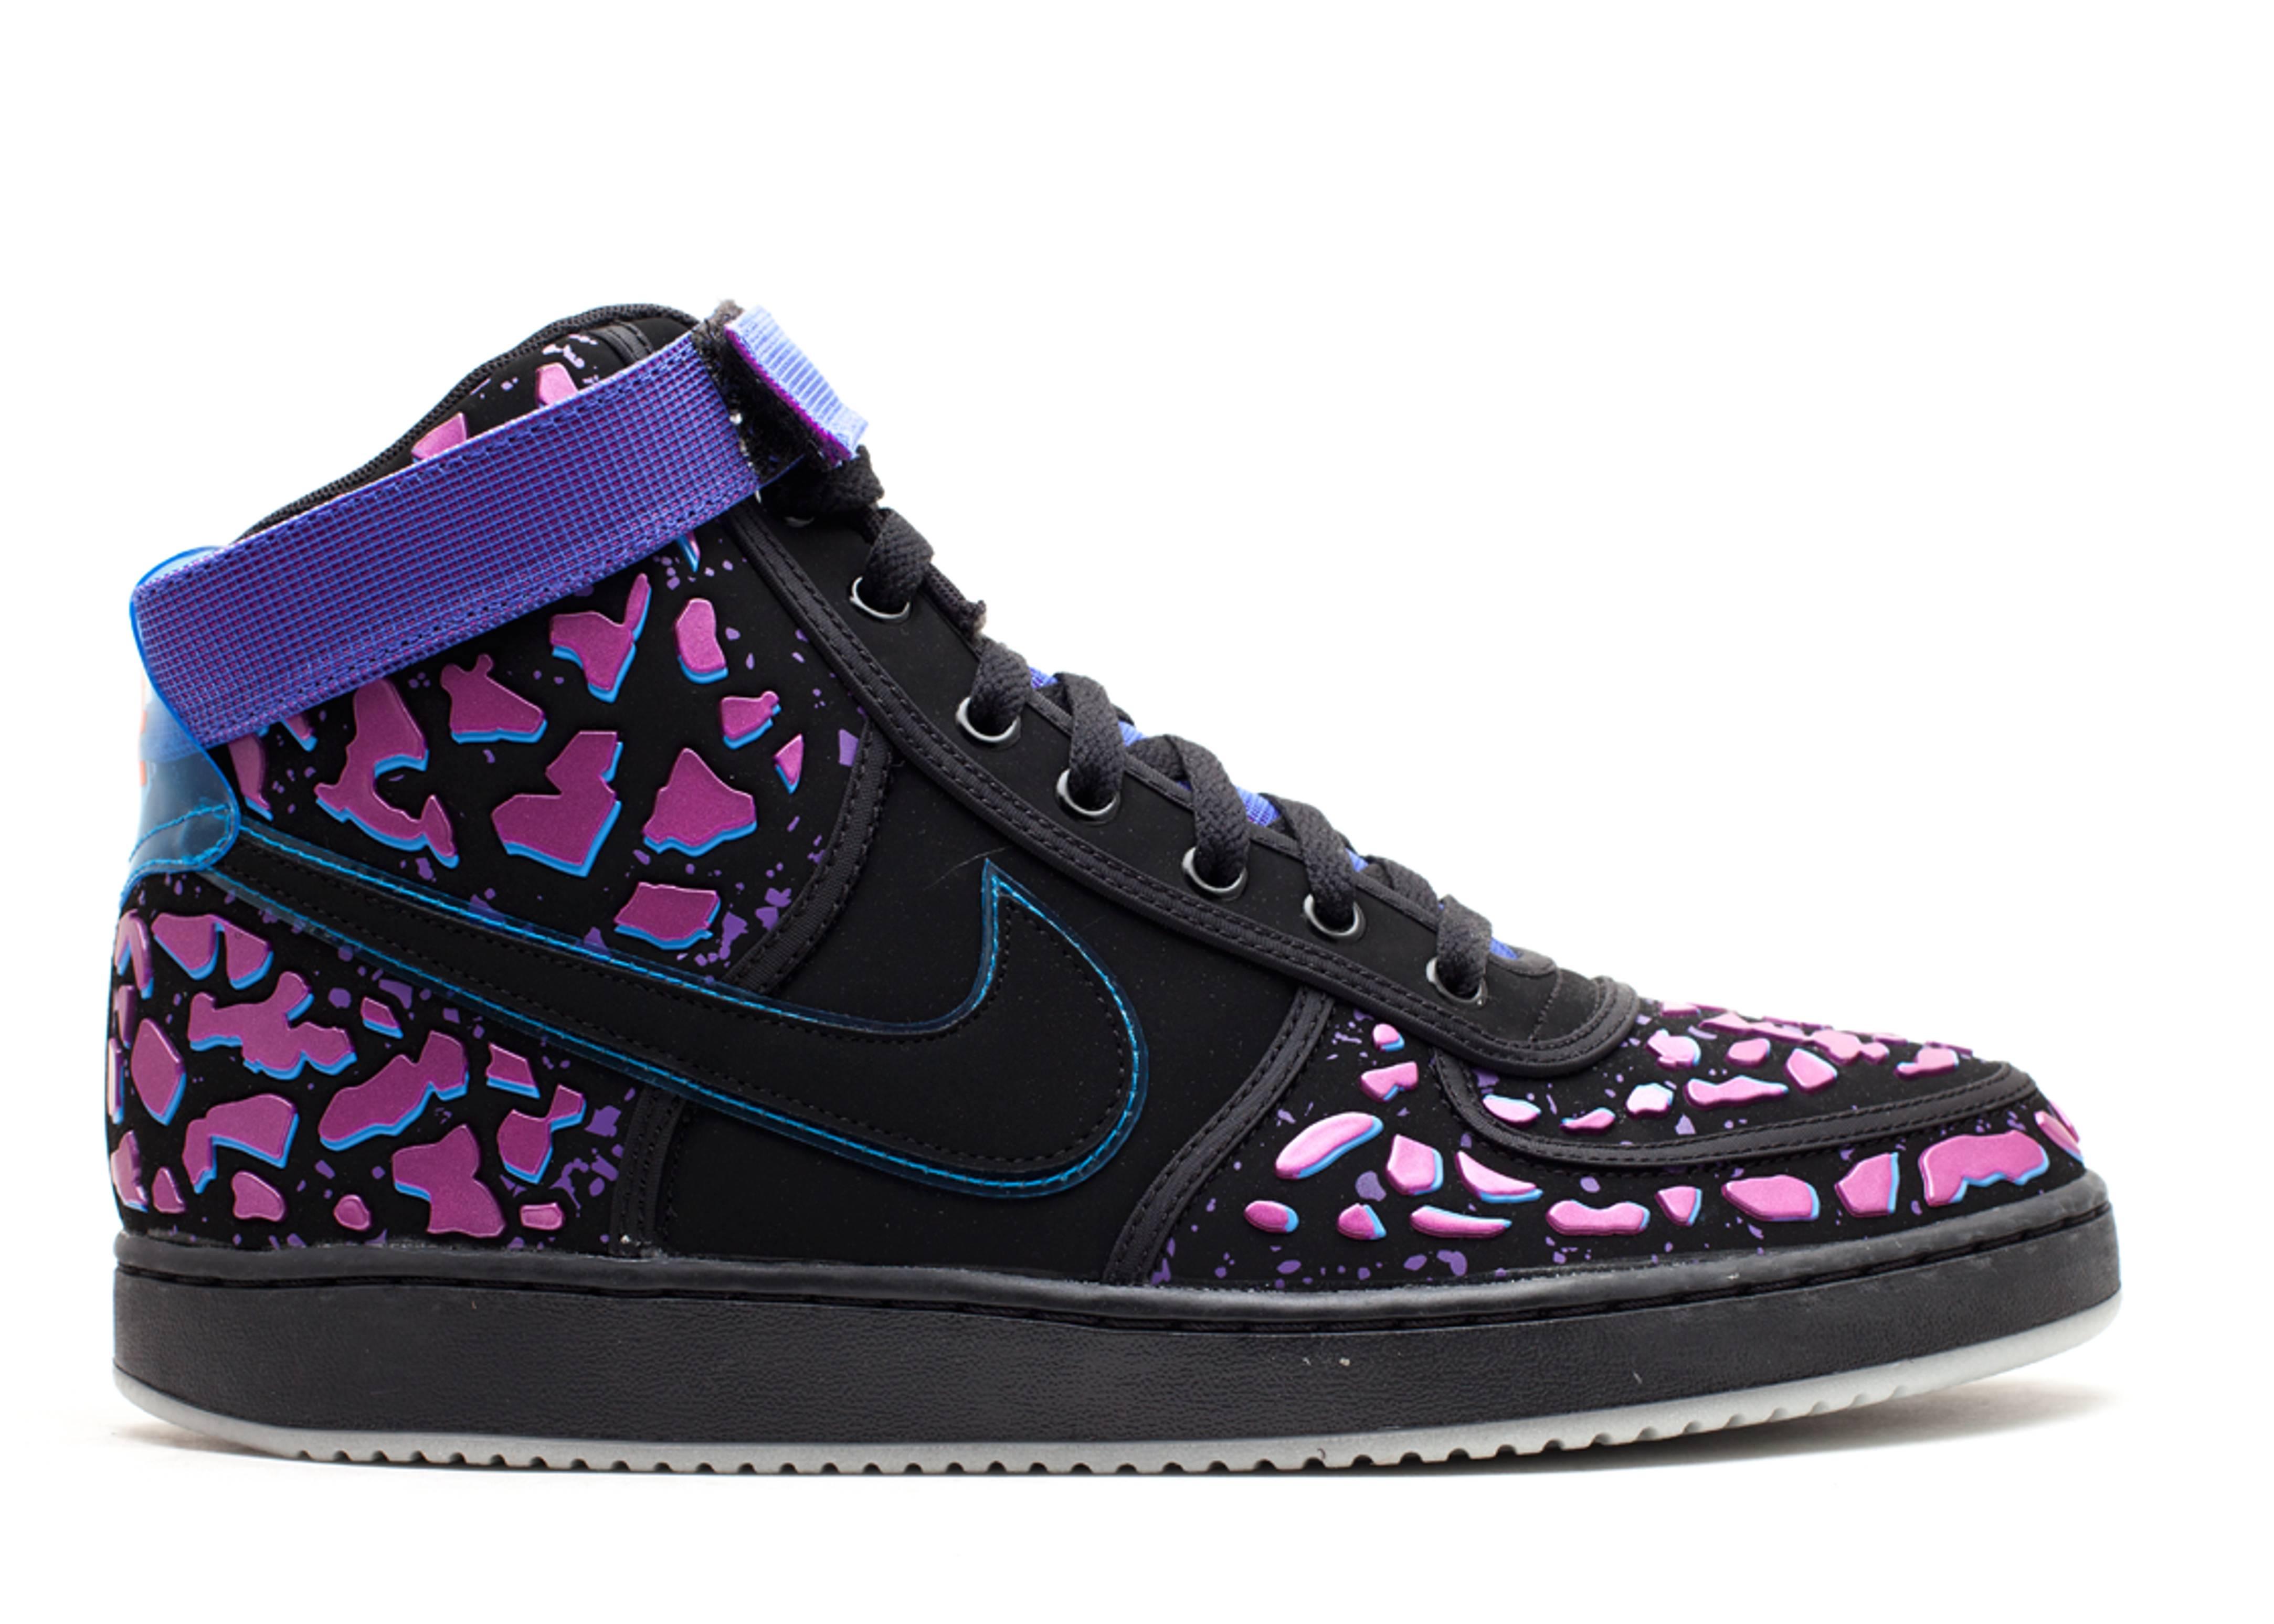 NEW Nike Lunar Force 1 Area 72 PRM QS AF1 Sneaker (11) 596727 001 ...